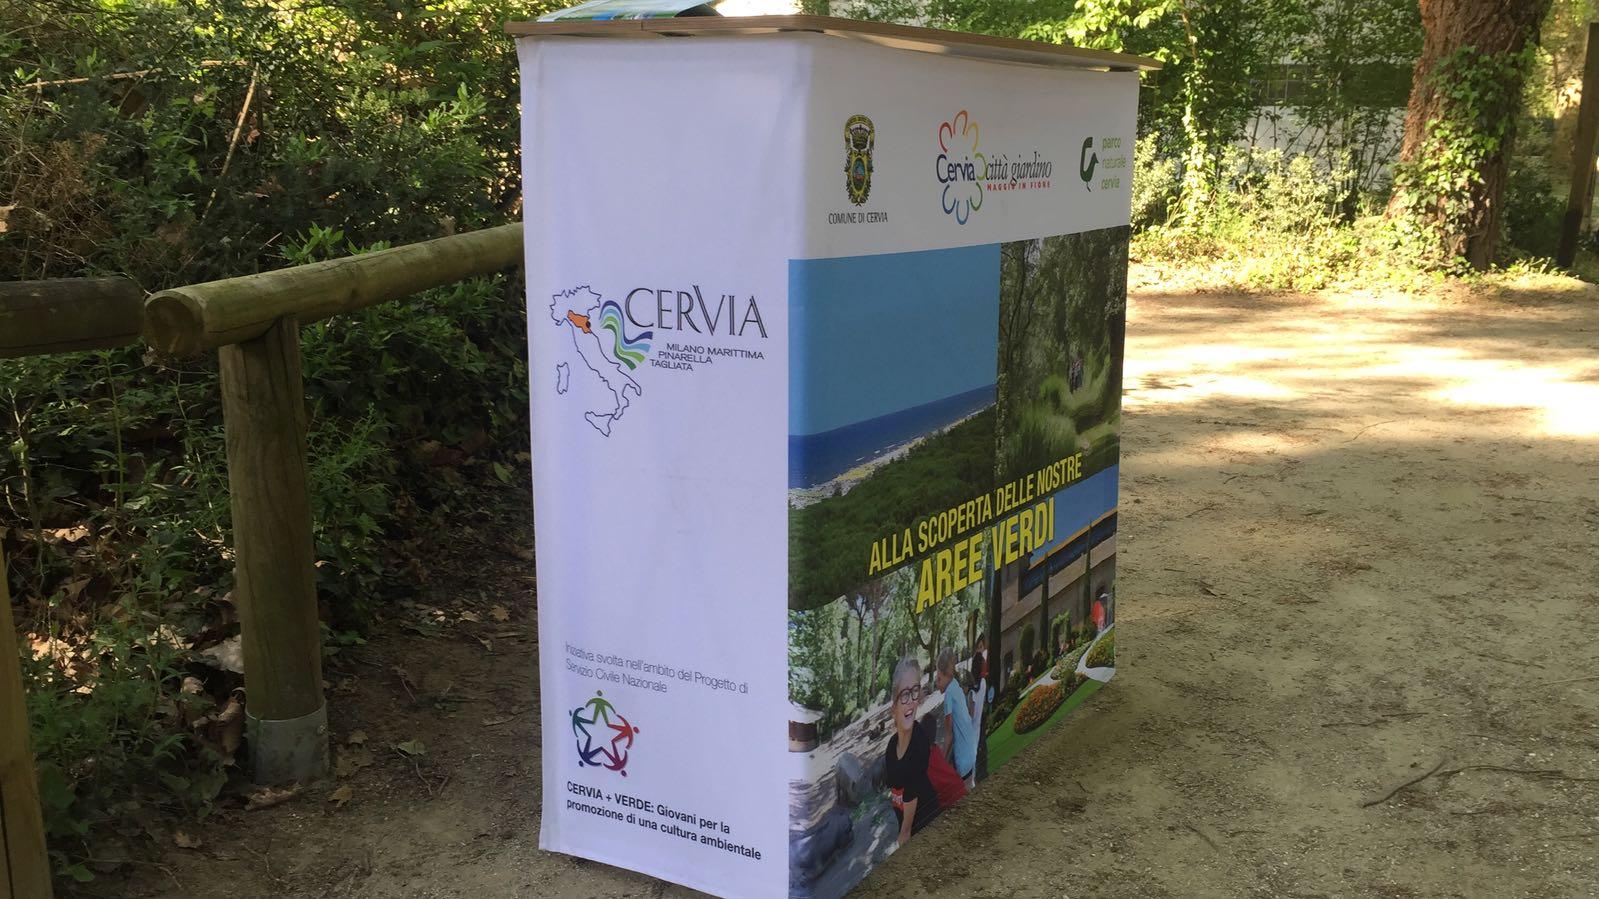 Ufficio Verde Cervia : Cafenoir decolte scarpe in vernice verde a cervia kijiji